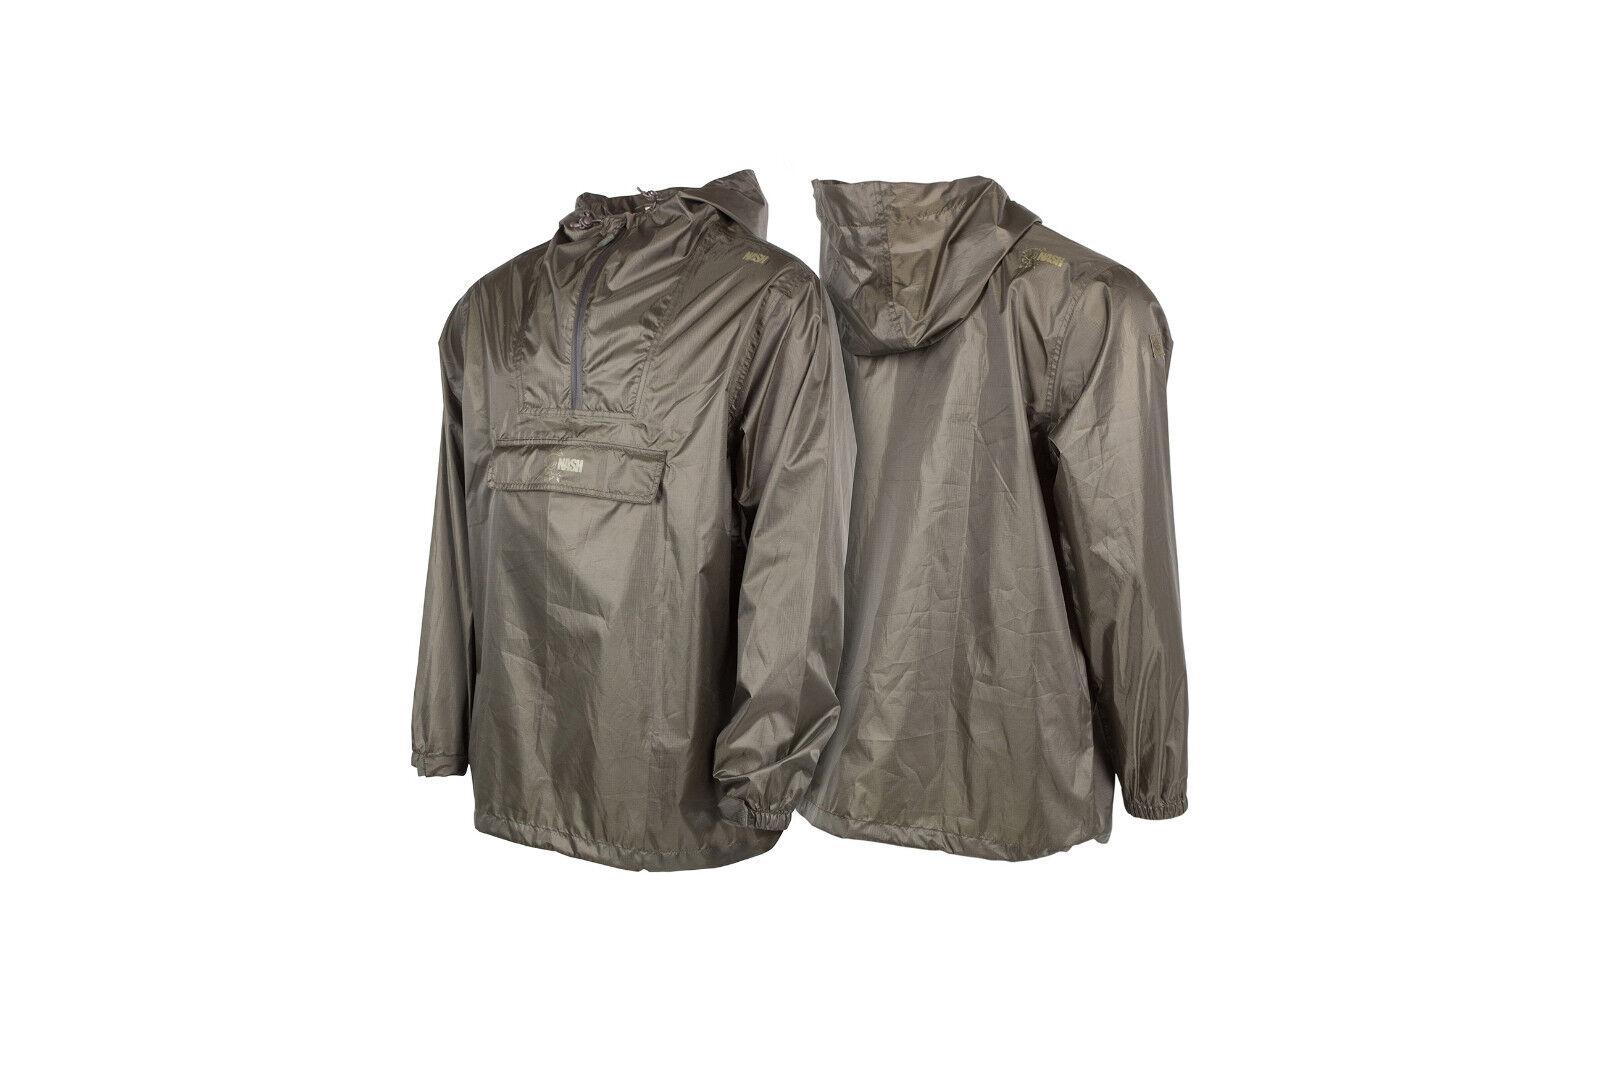 Nash Packaway Waterproof Jacket Regenjacke Jacke Rainjacket Rain Jacket